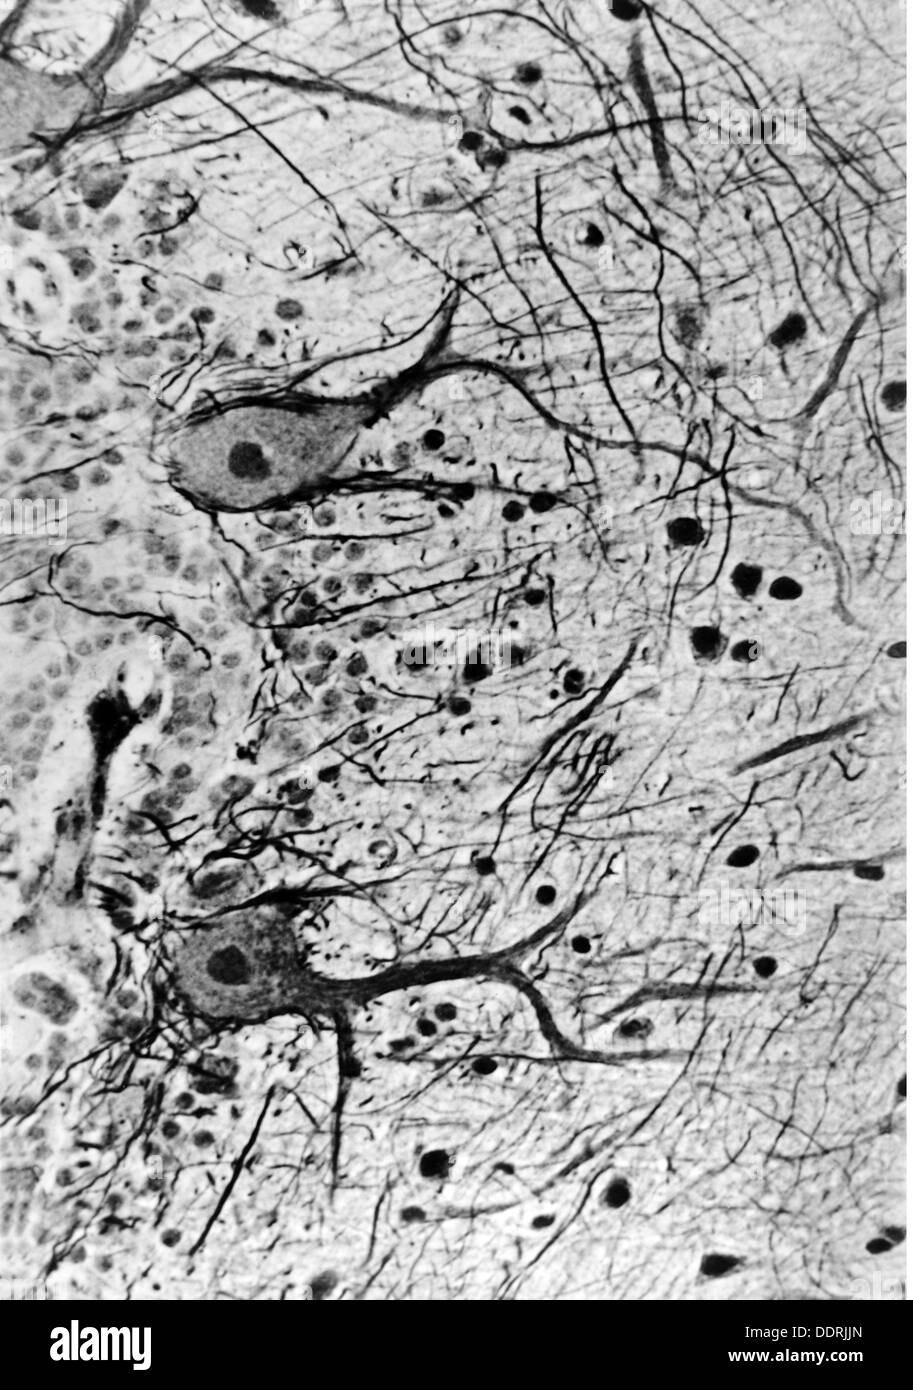 Medicina, anatomía, cerebric / cráneo, cortezas del cerebelo humano ...